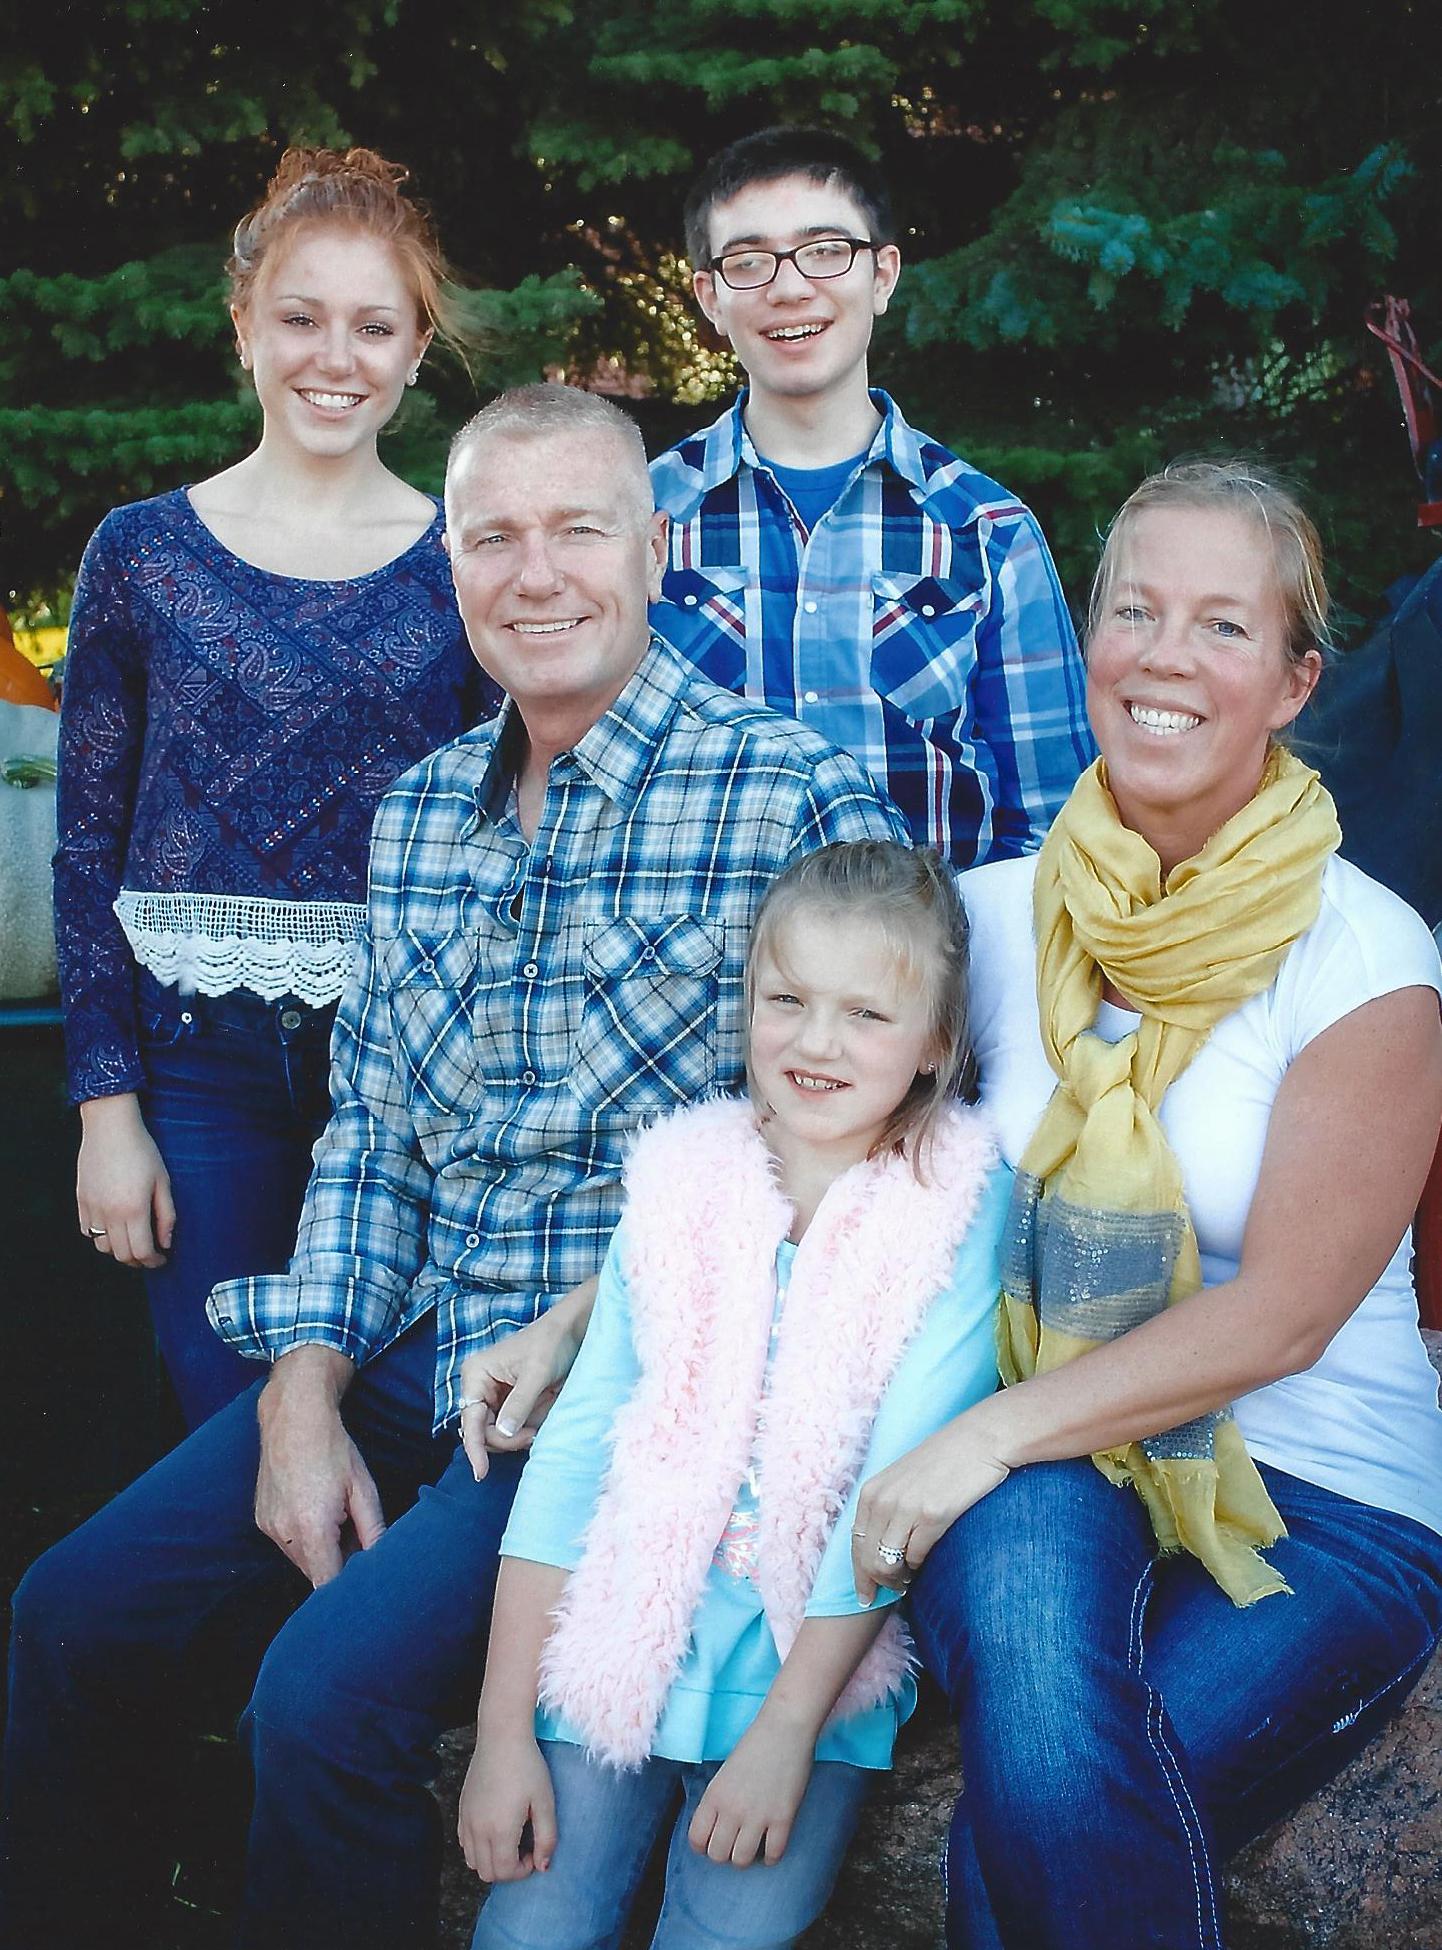 Engstrom_Family_1.jpg